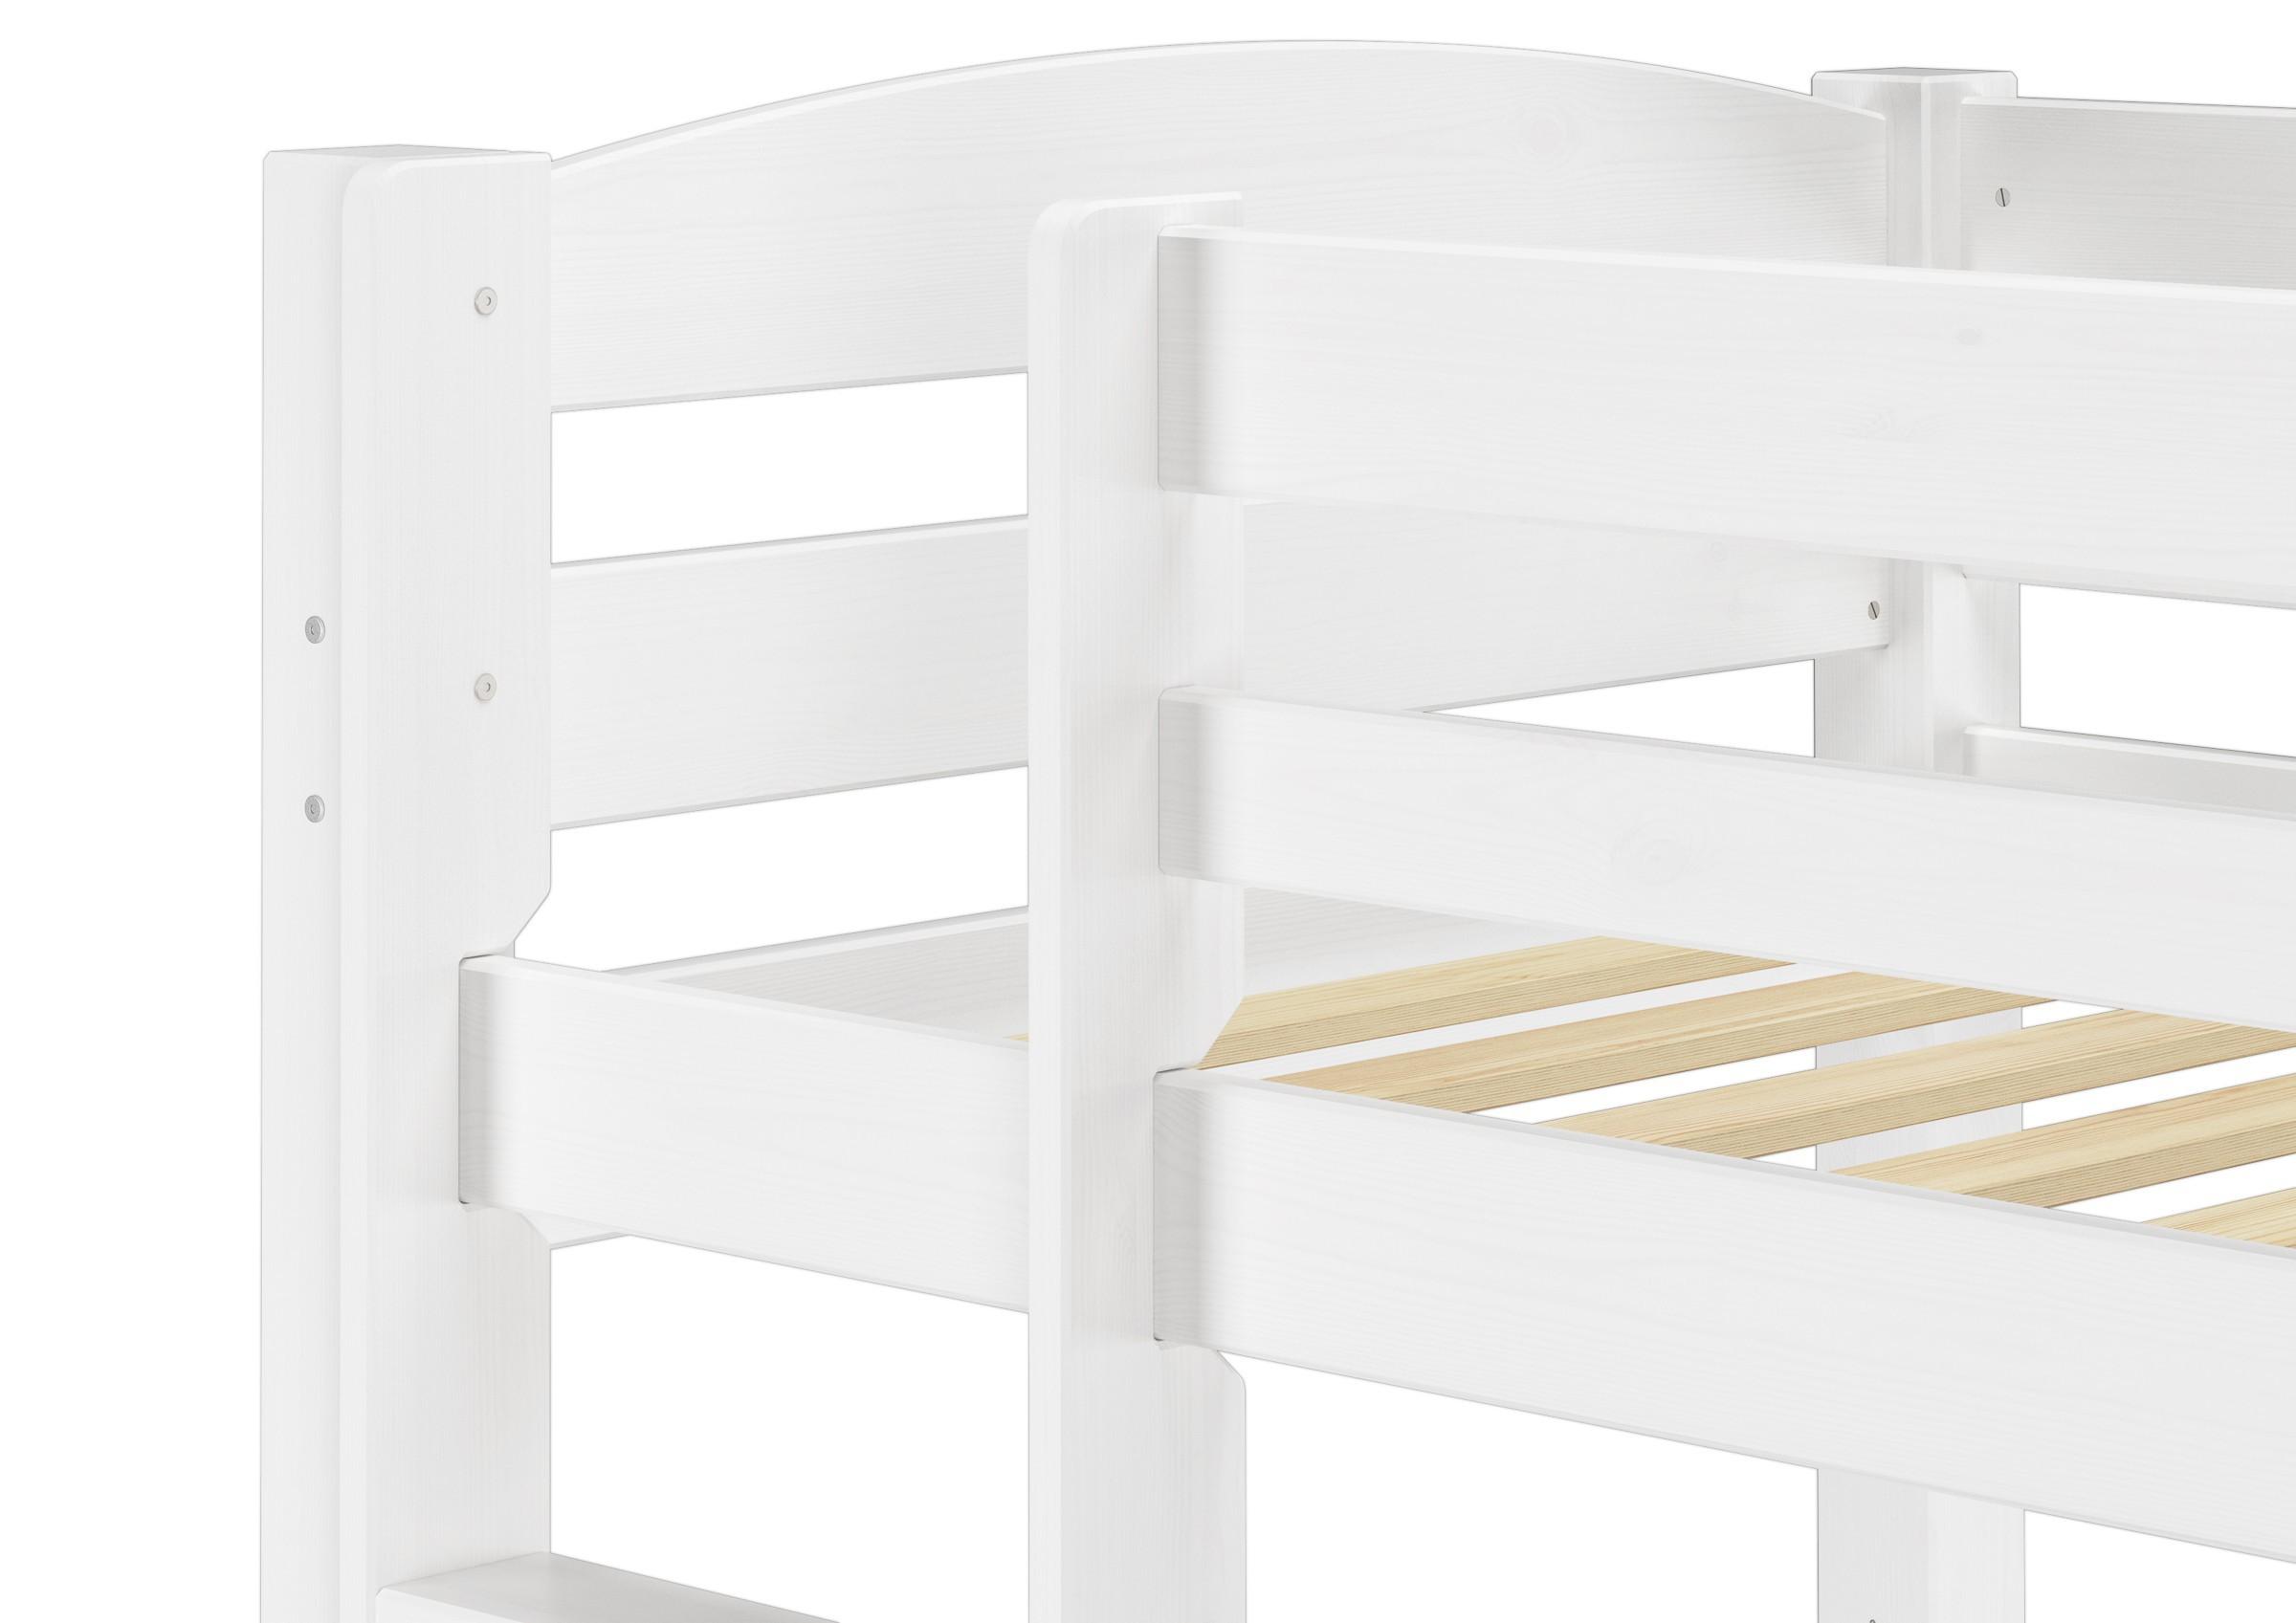 Etagenbett Weiß 90x200 : Etagenbett kiefer weiß 90x200 mit matratzen und rollroste bettkasten